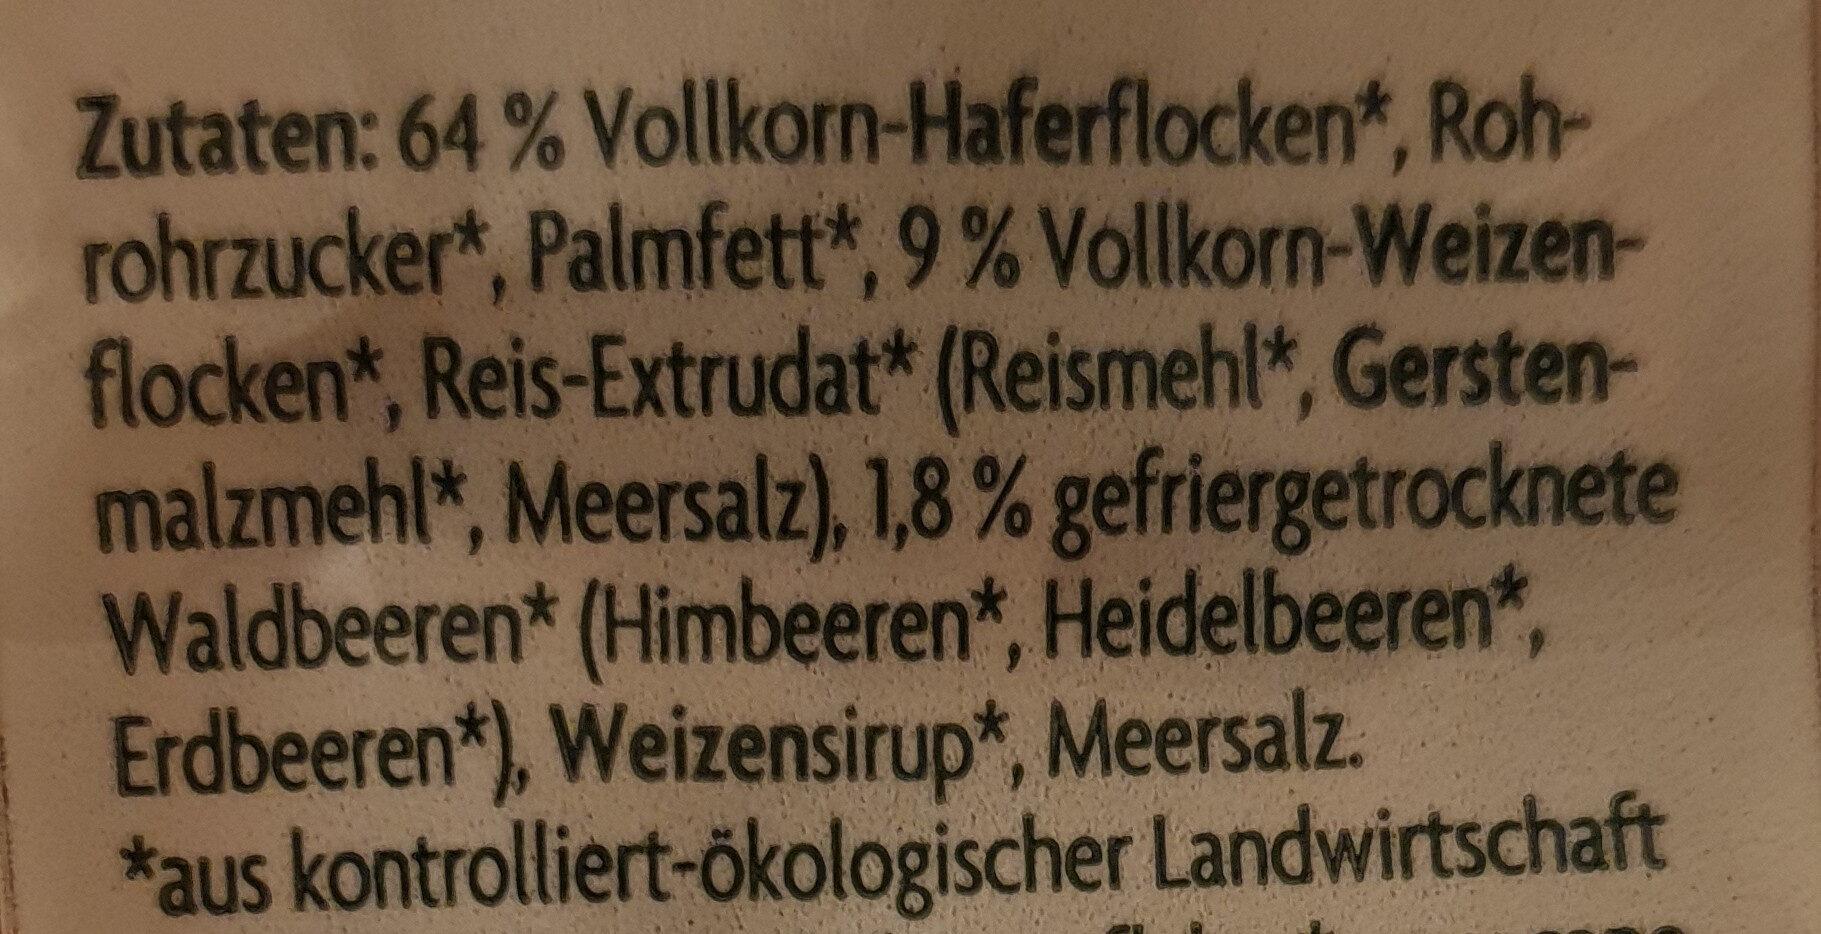 Crunchy Waldbeere - Zutaten - de